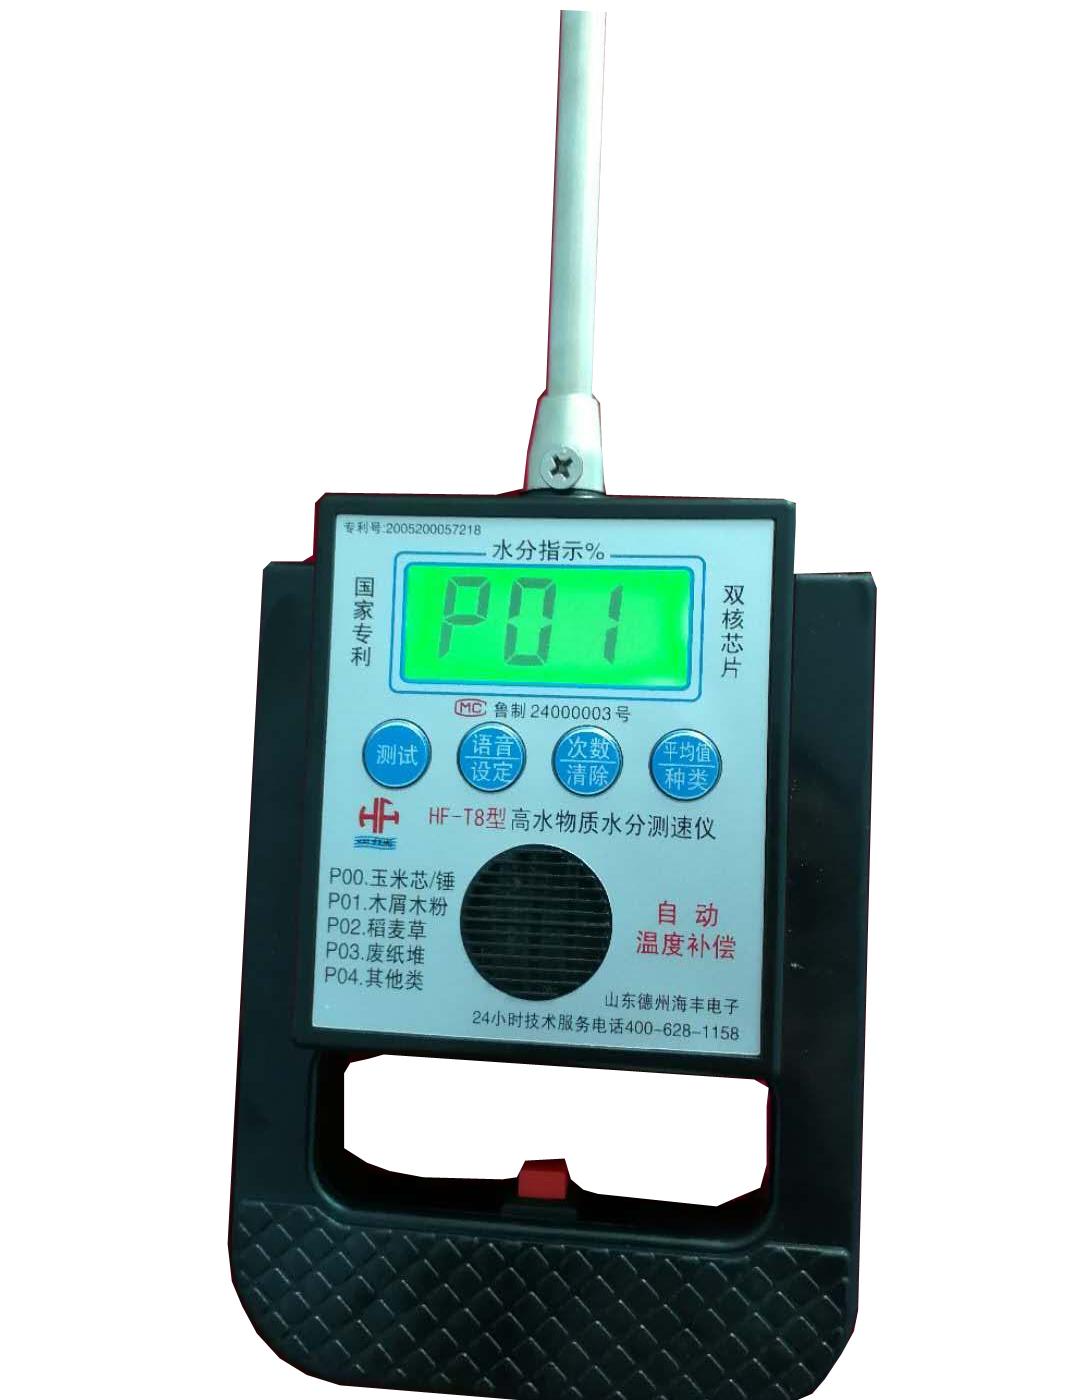 单杆高水物质万博网页版手机登录仪 HF-T8 型